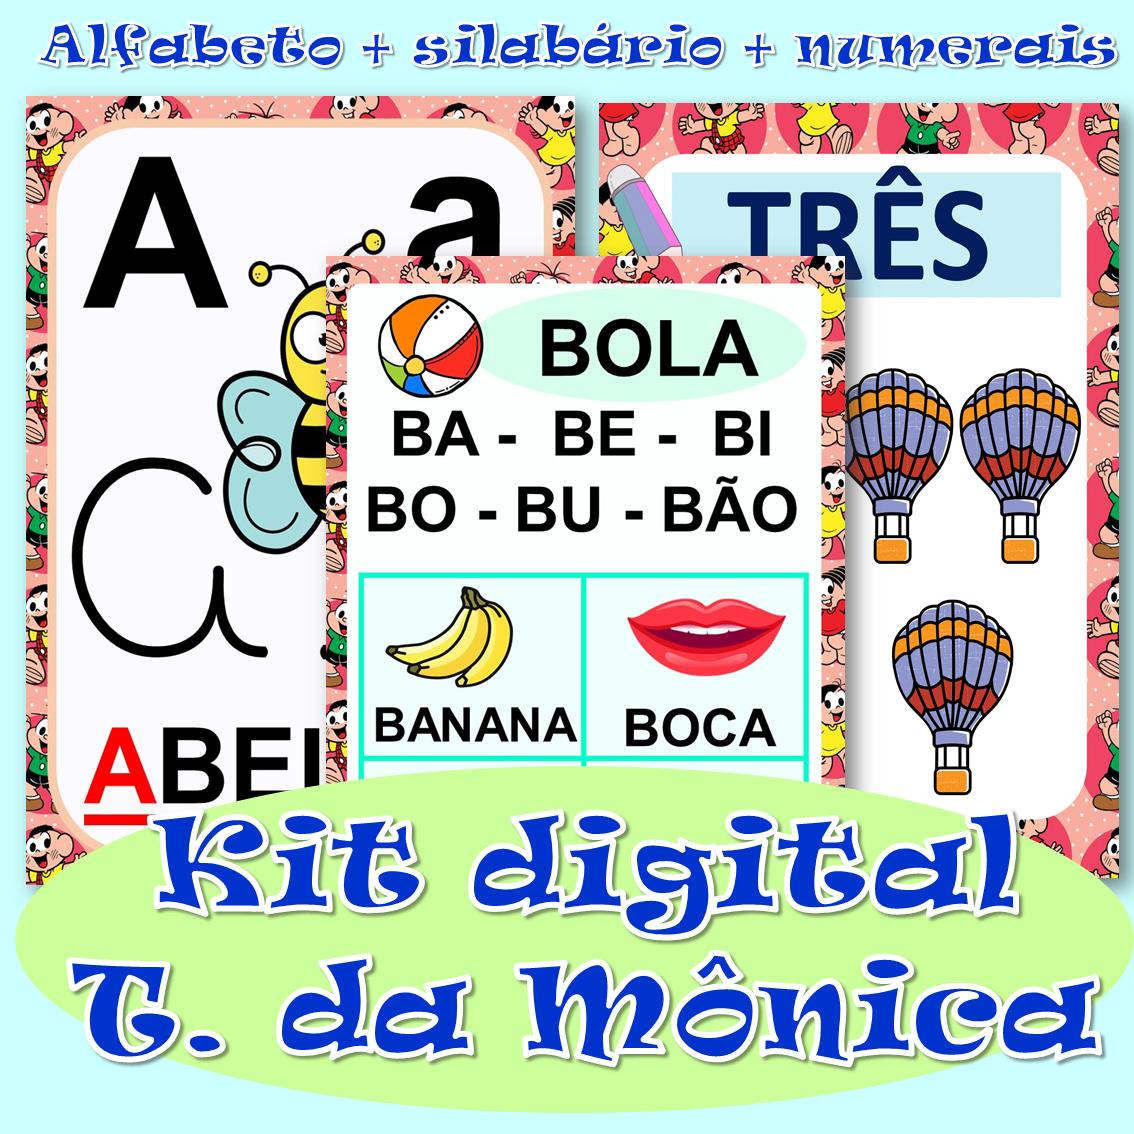 Foto 1 - Kit digital alfabeto, silabário + números de 0 a 20 em PDF